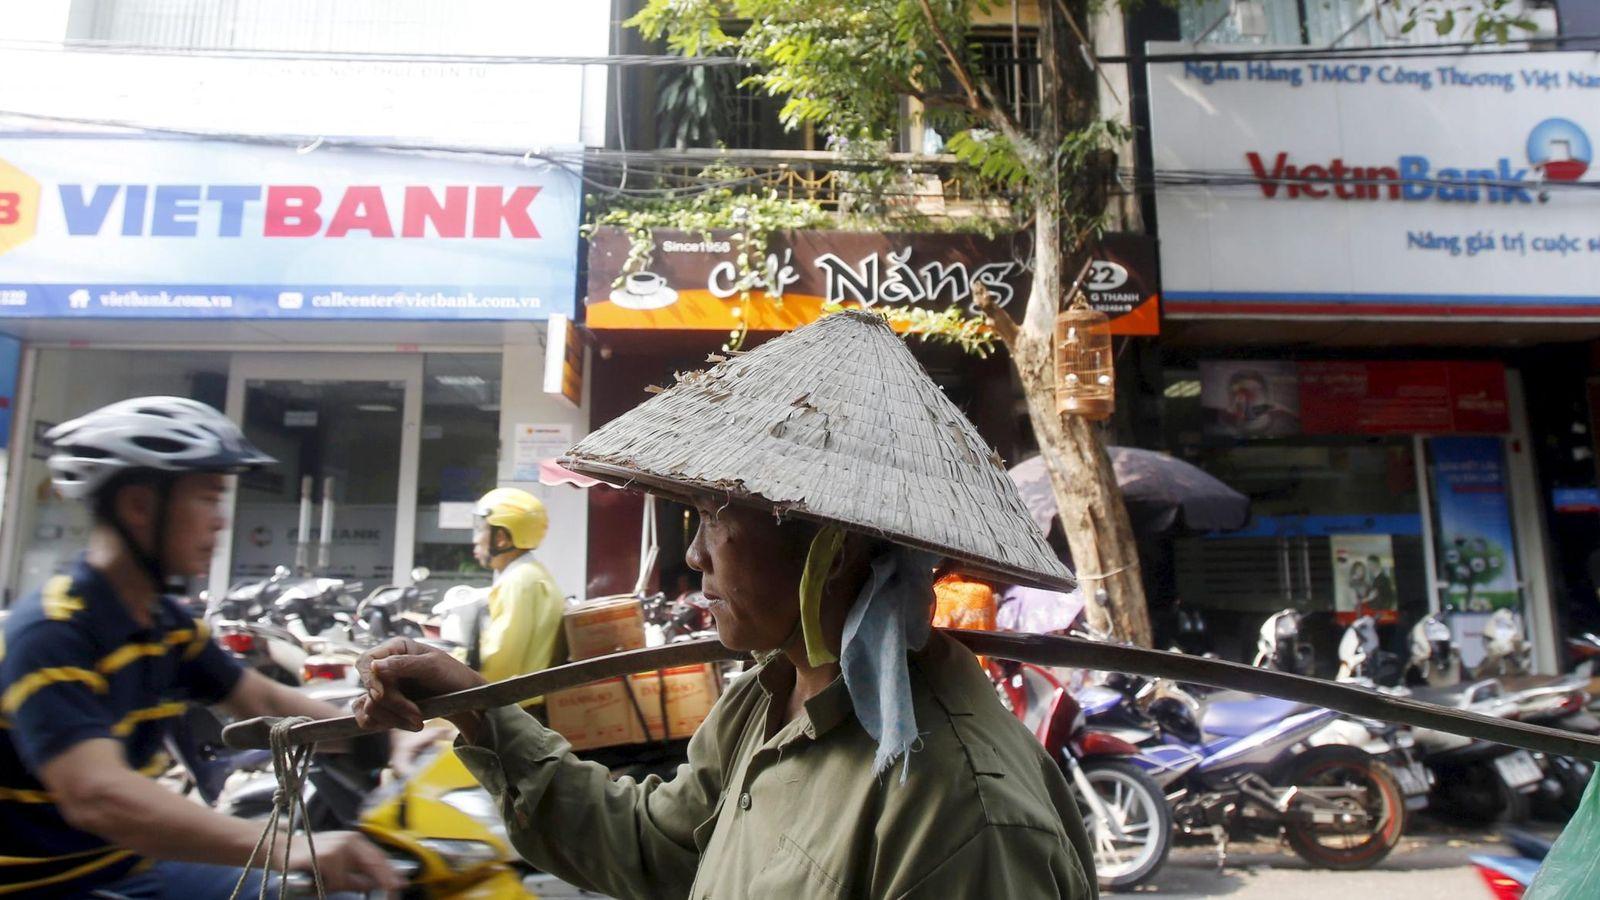 Foto: Un vendedor de frutas pasa por delante de oficinas de Vietbank y VietinBank en Hanoi, Vietnam, el 22 de octubre de 2015. (Reuters)